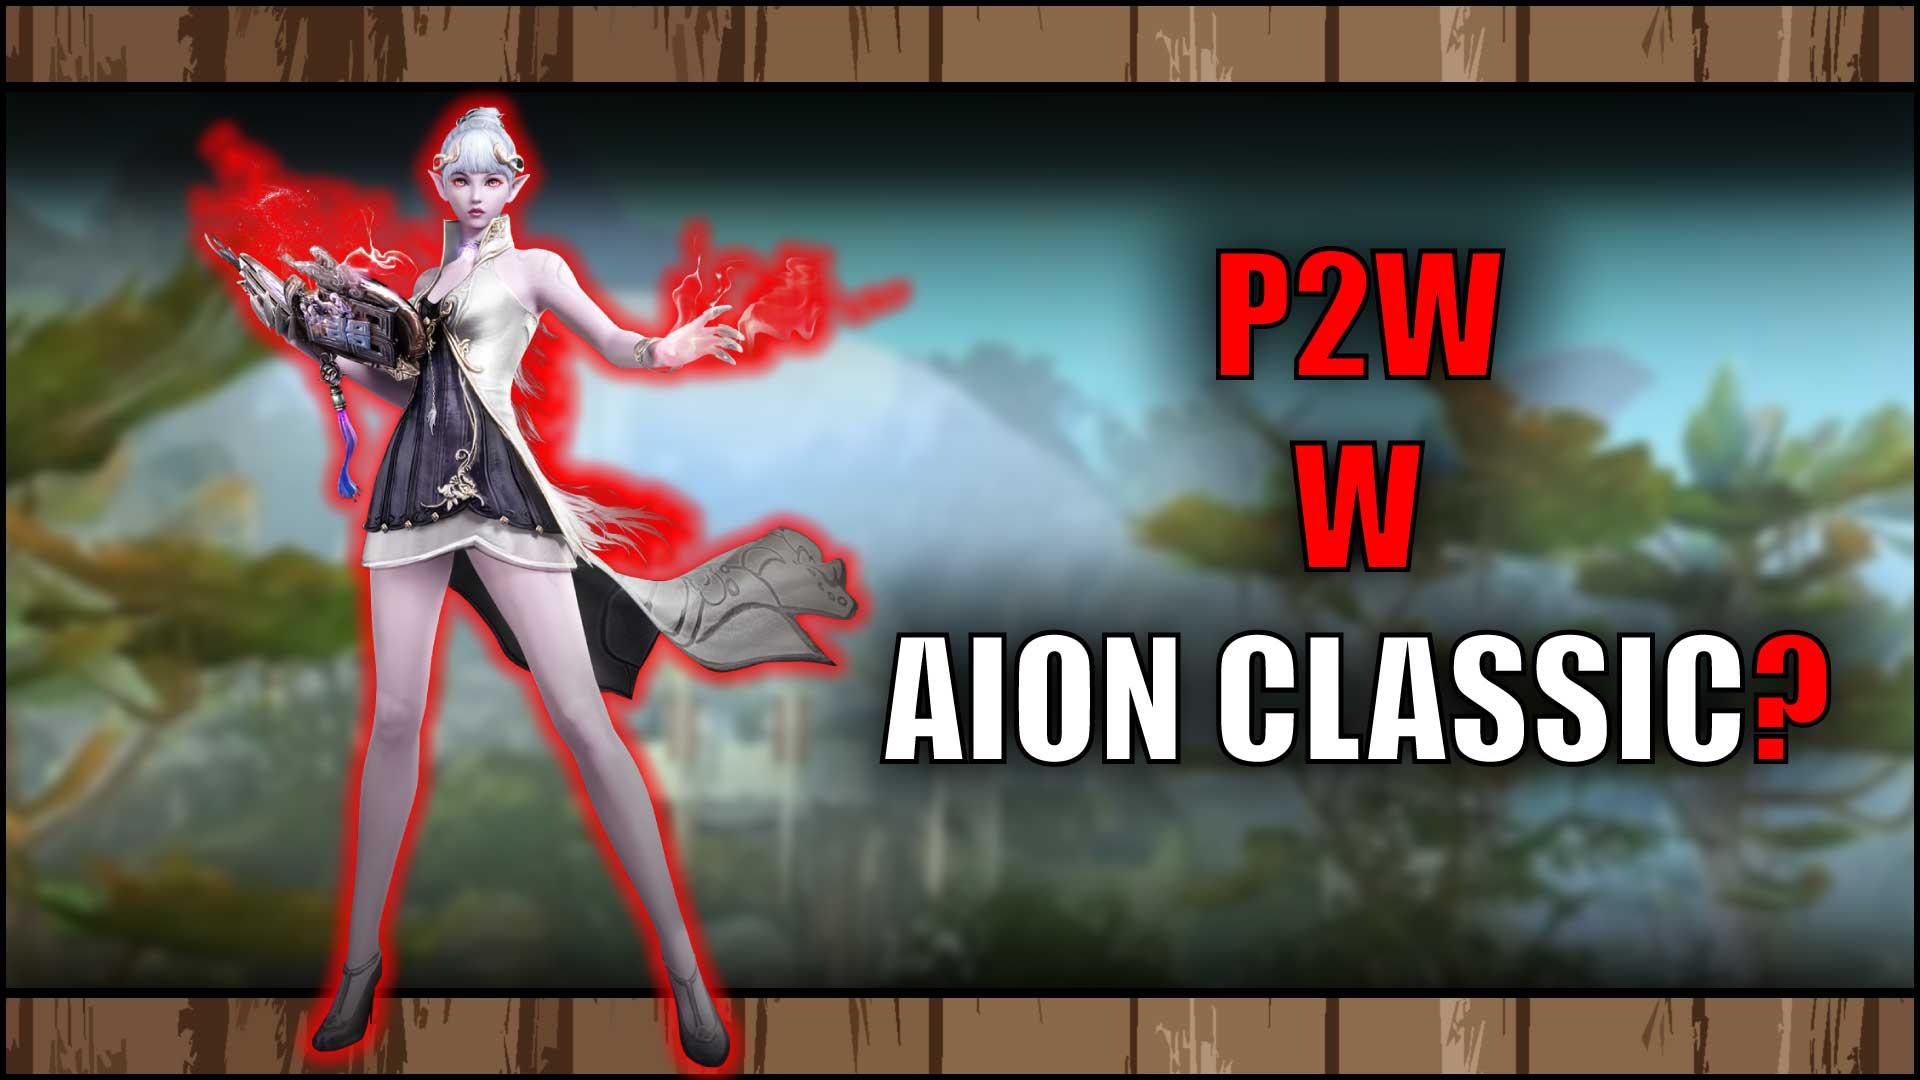 Czy Aion Classic jest P2W?